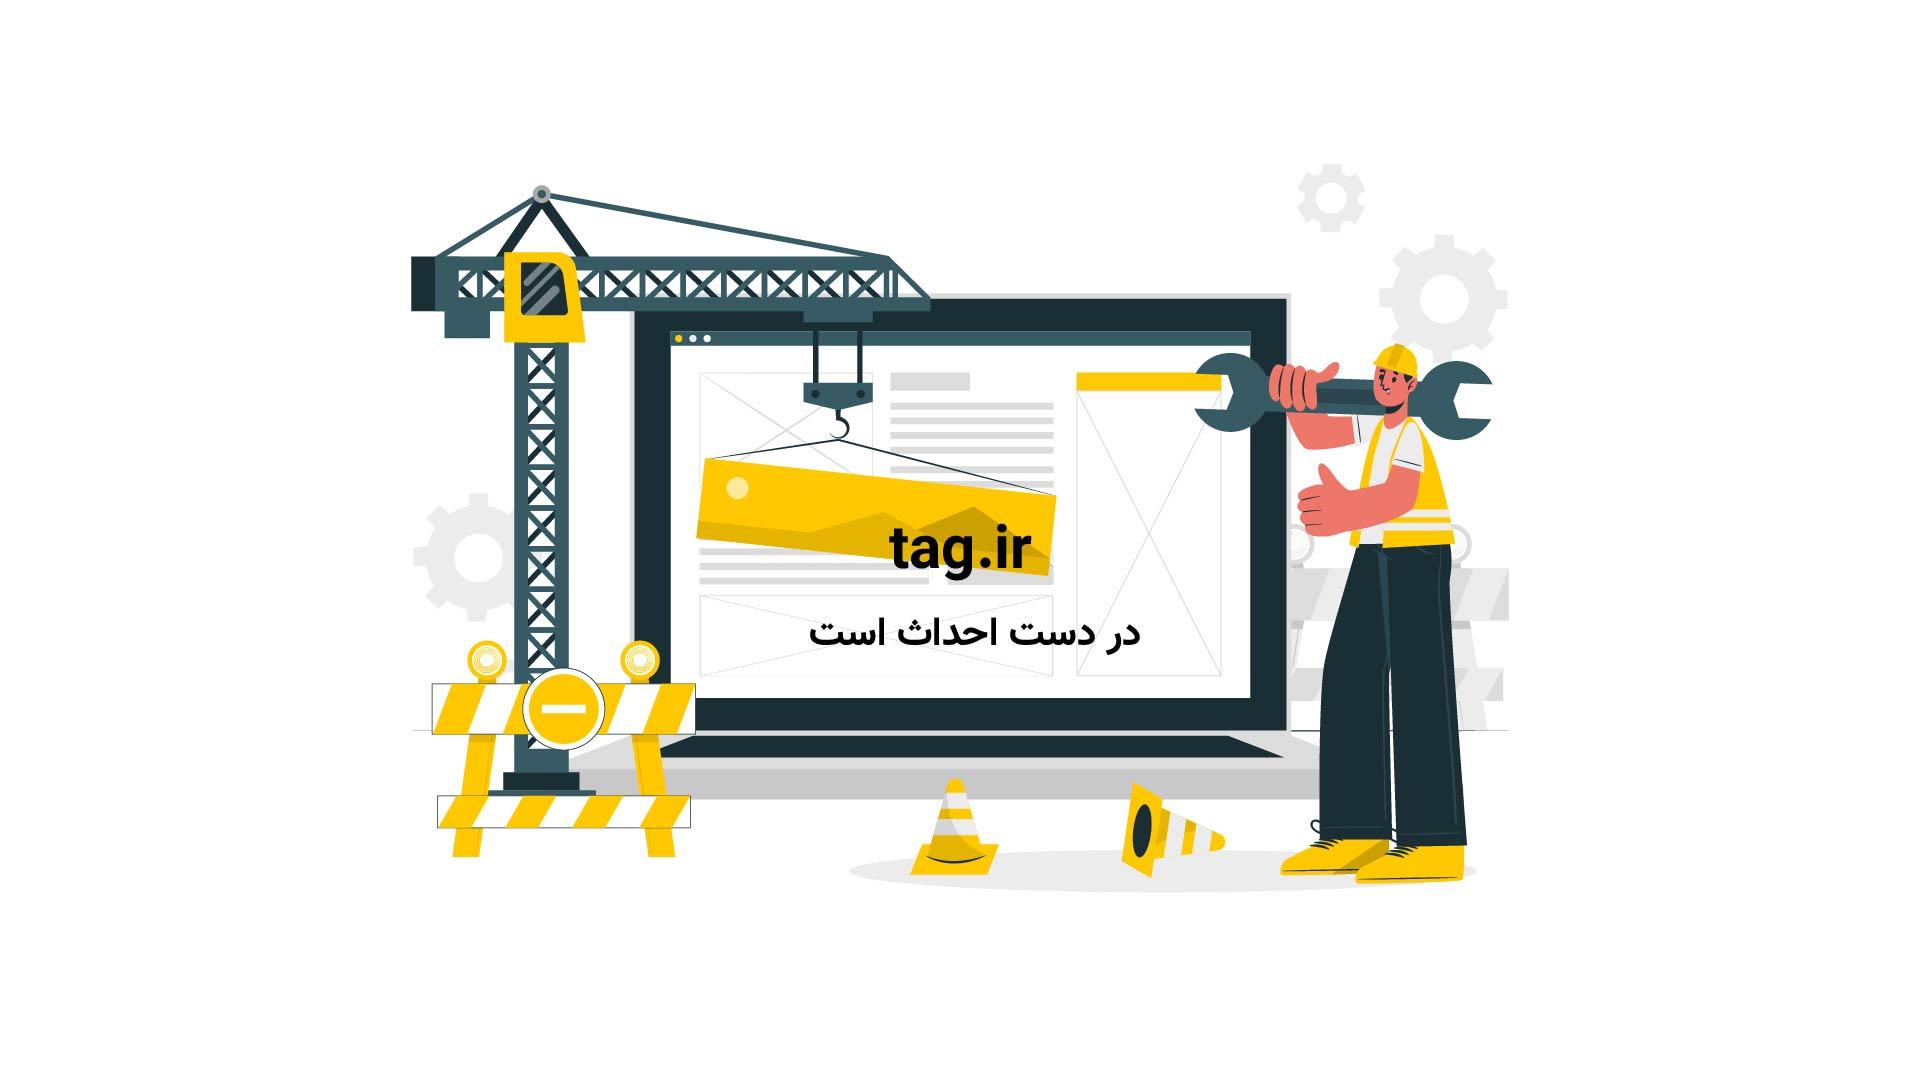 ایده ای برای دکمه های اضافی داخل خانه | فیلم